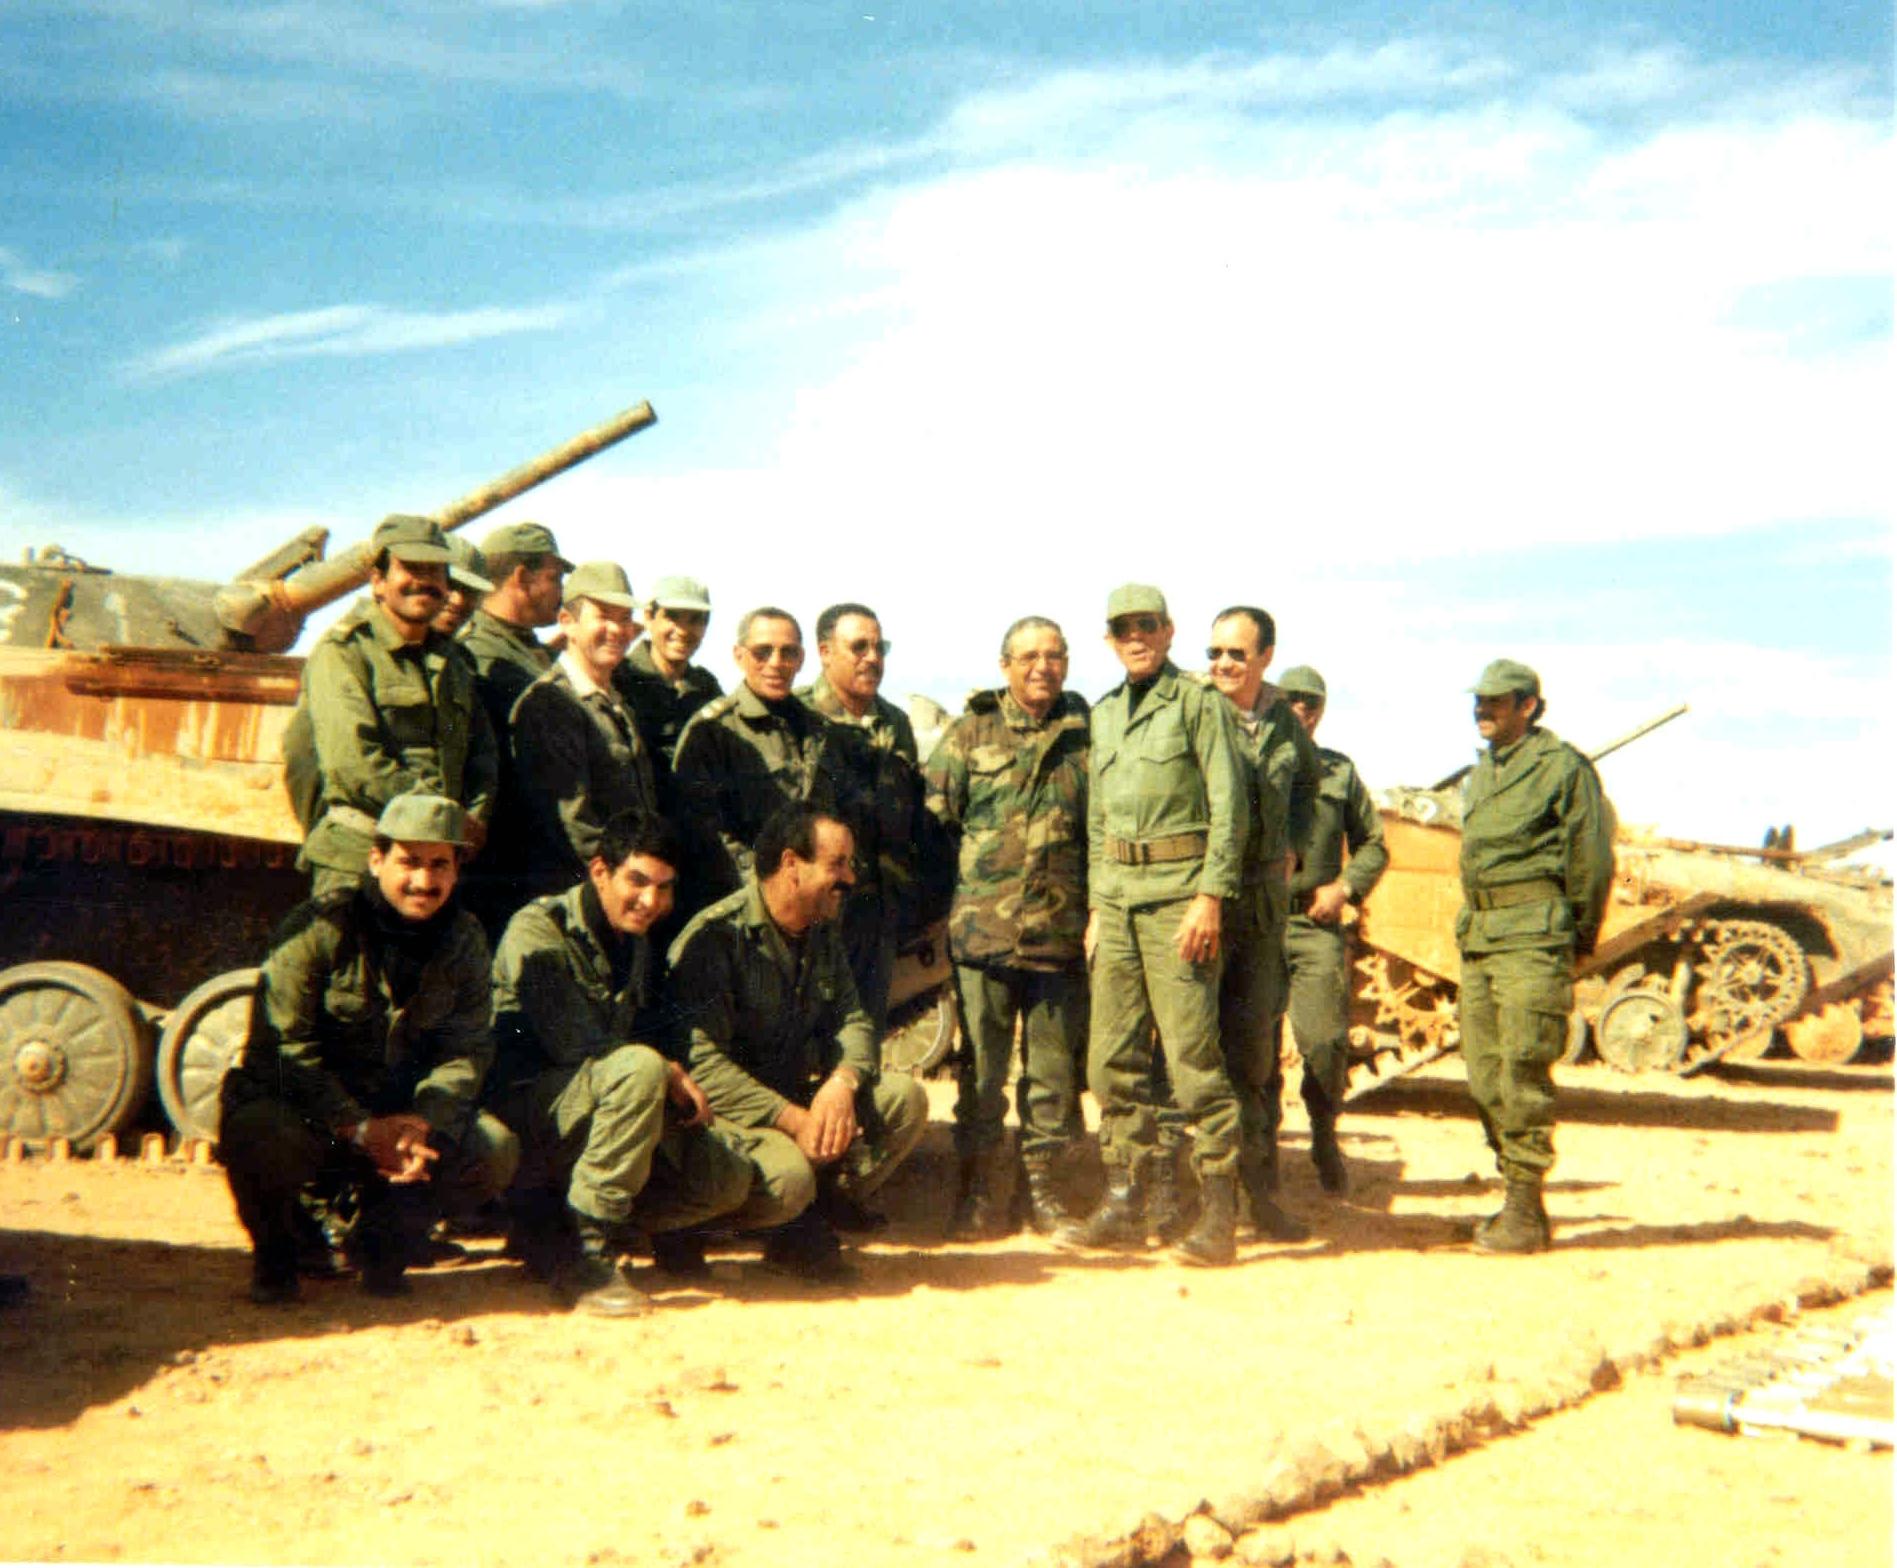 La Bataille de Farsia - 18 novembre 1987 50625291608_a626254c58_o_d